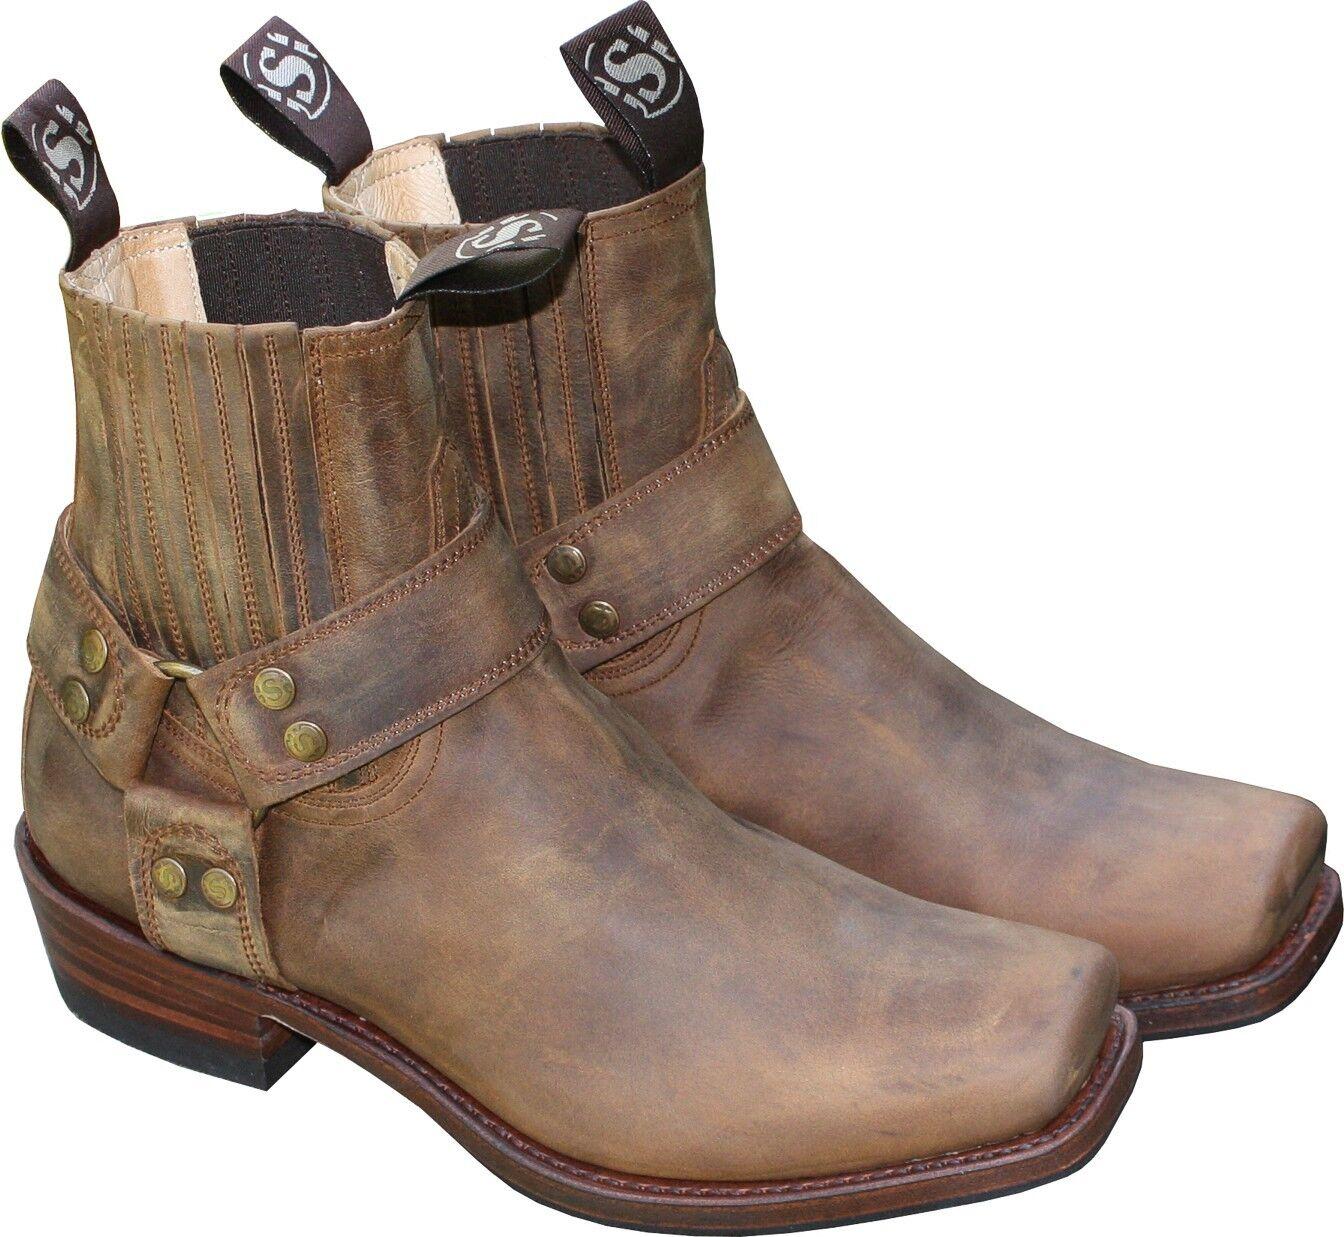 Sendra cuero-botín Biker-botas botas marrón señores señora short cut nuevo